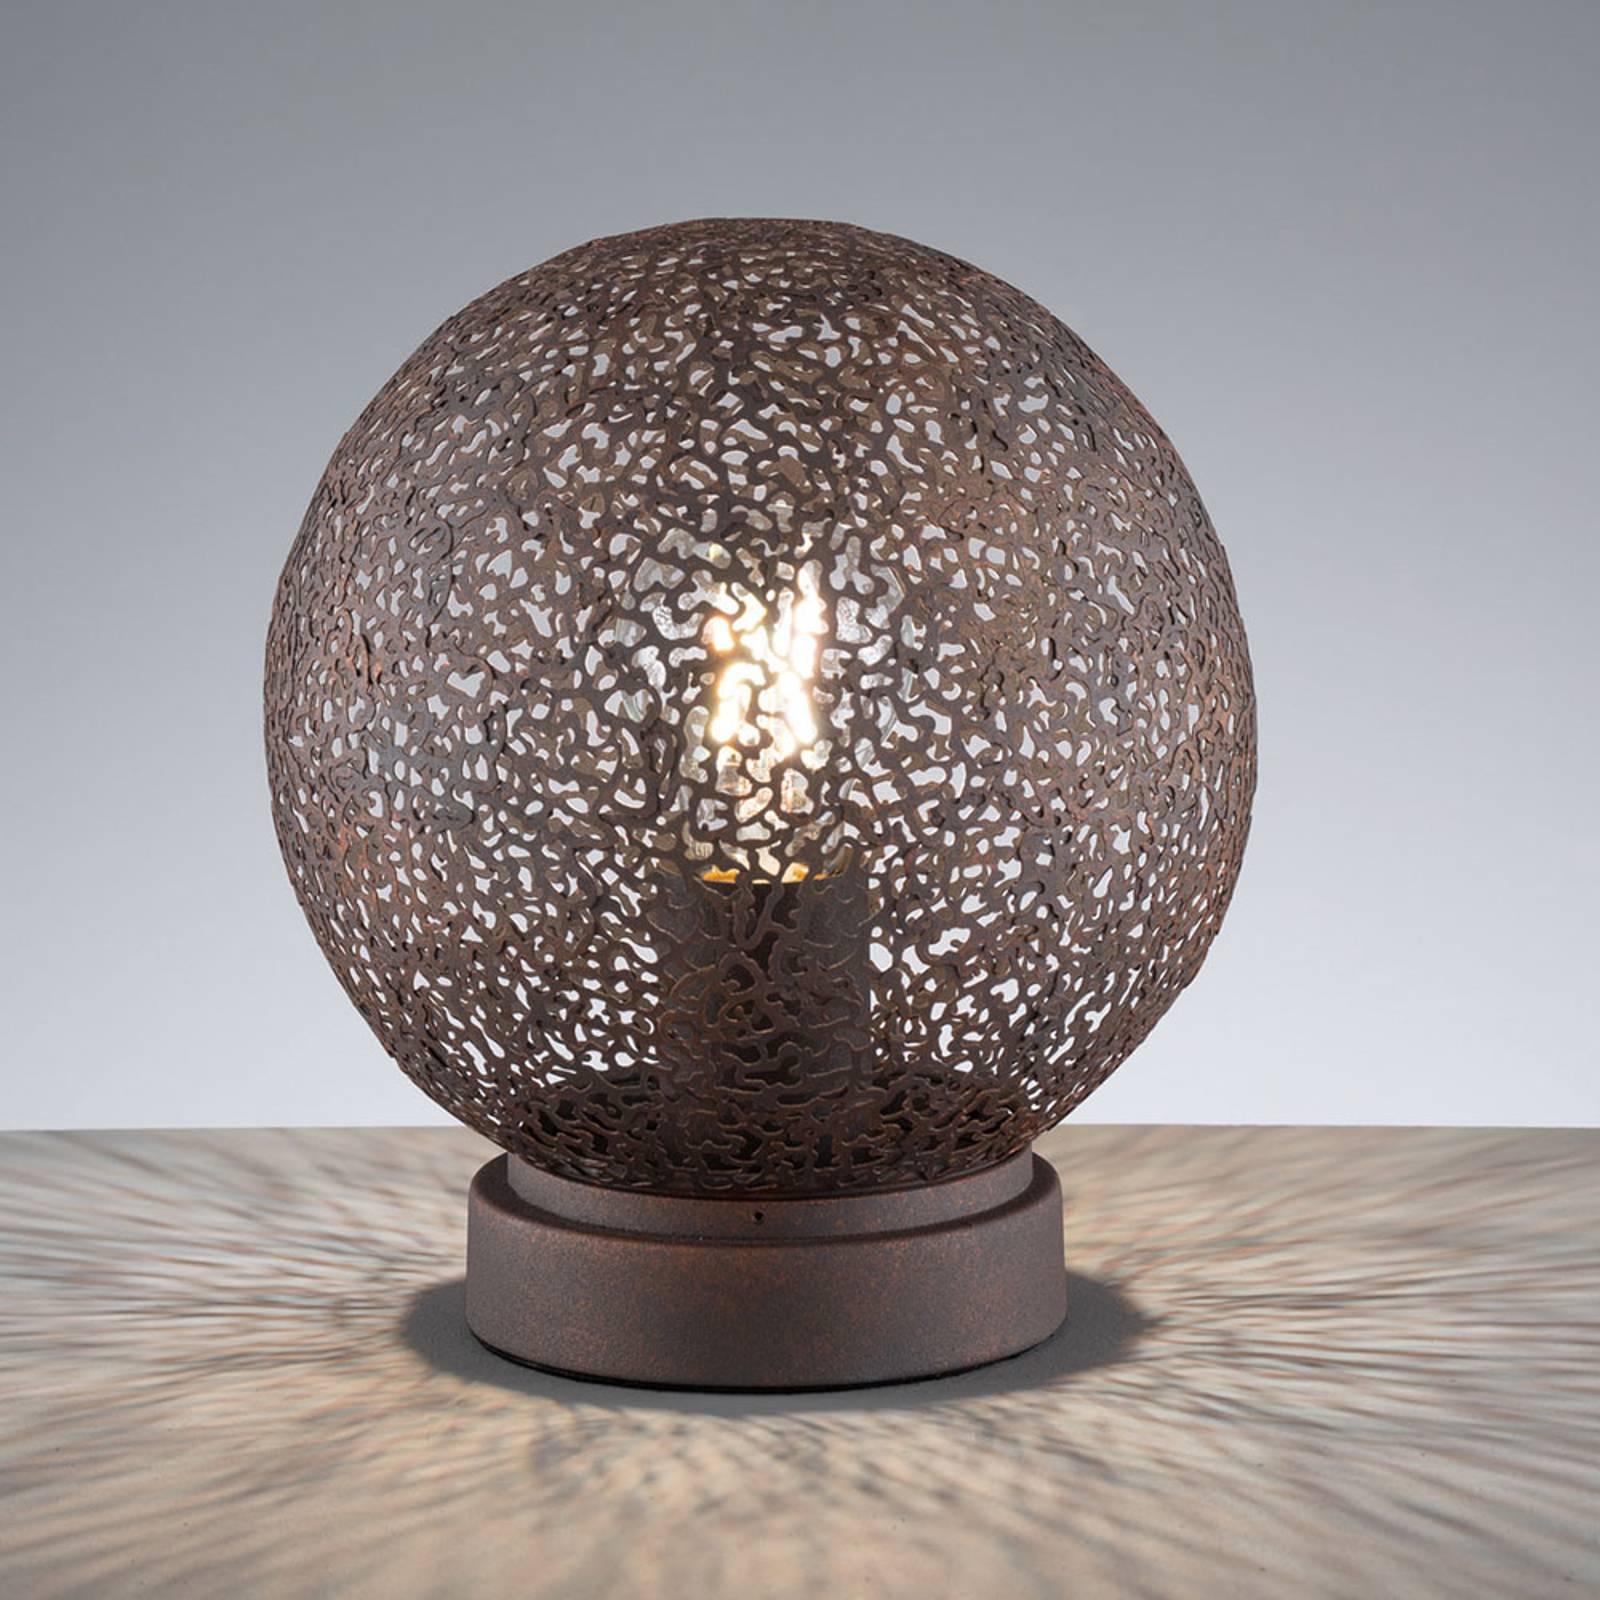 Tafellamp Willo, hoogte 22 cm, Ø 20 cm